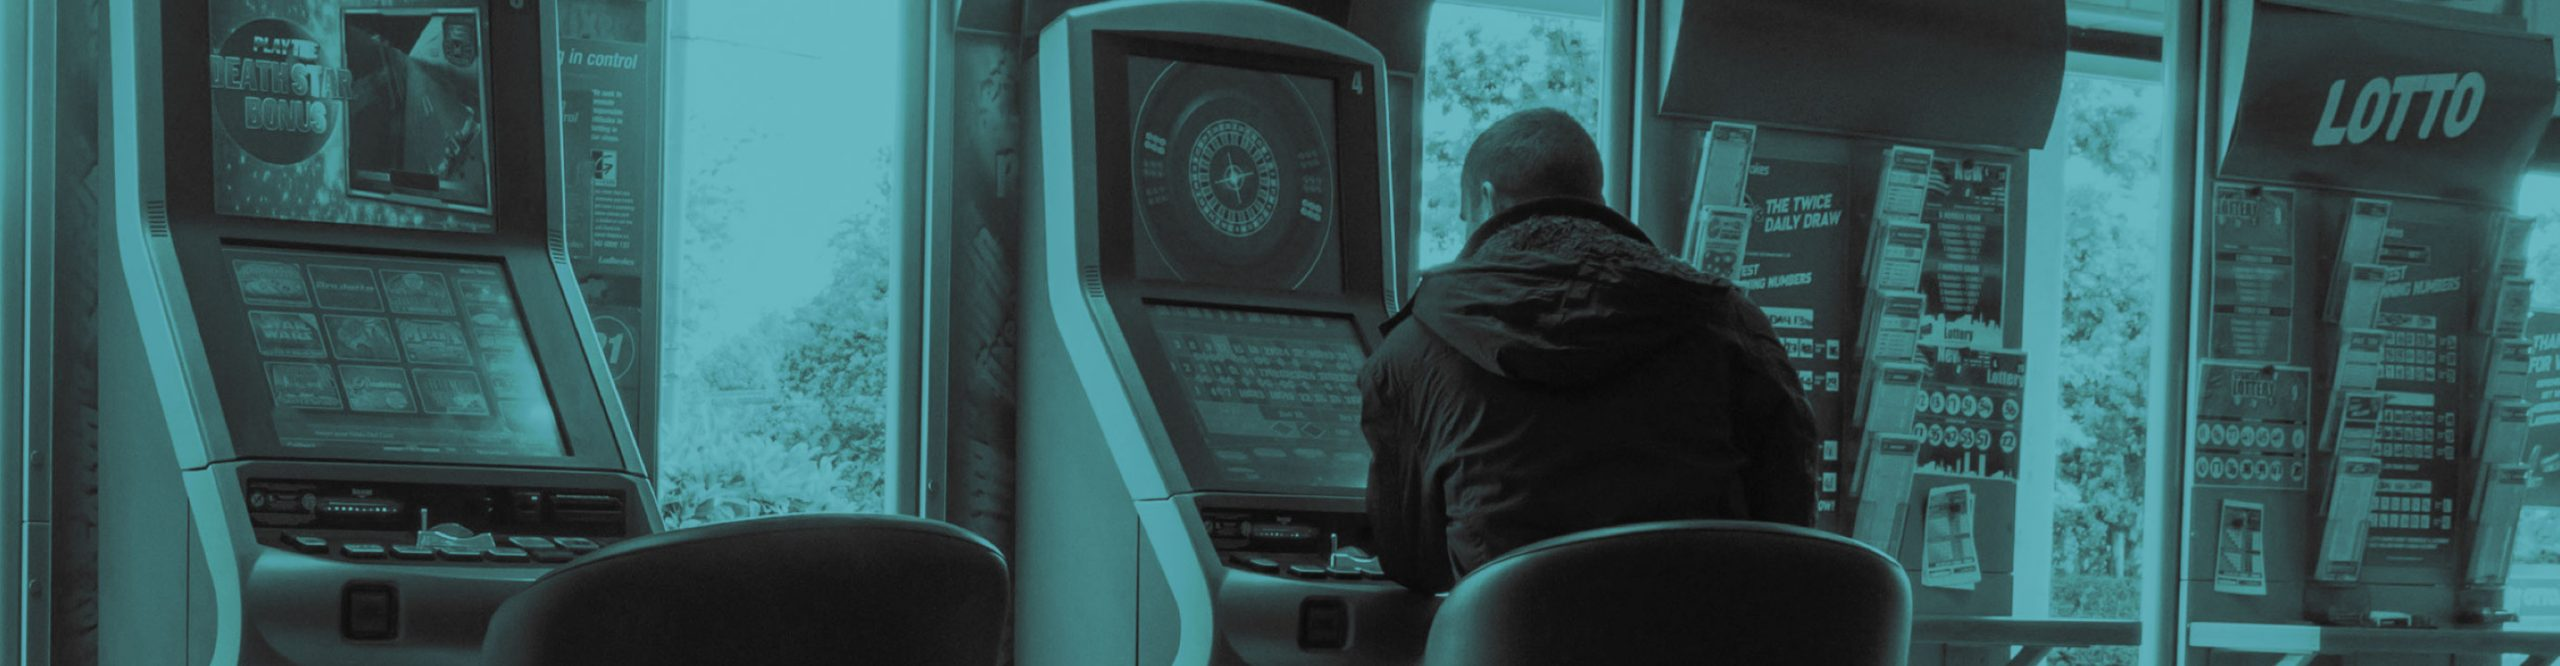 Många maltesiska spelbolag följer inte reglerna Banner 01 - Casinotopp